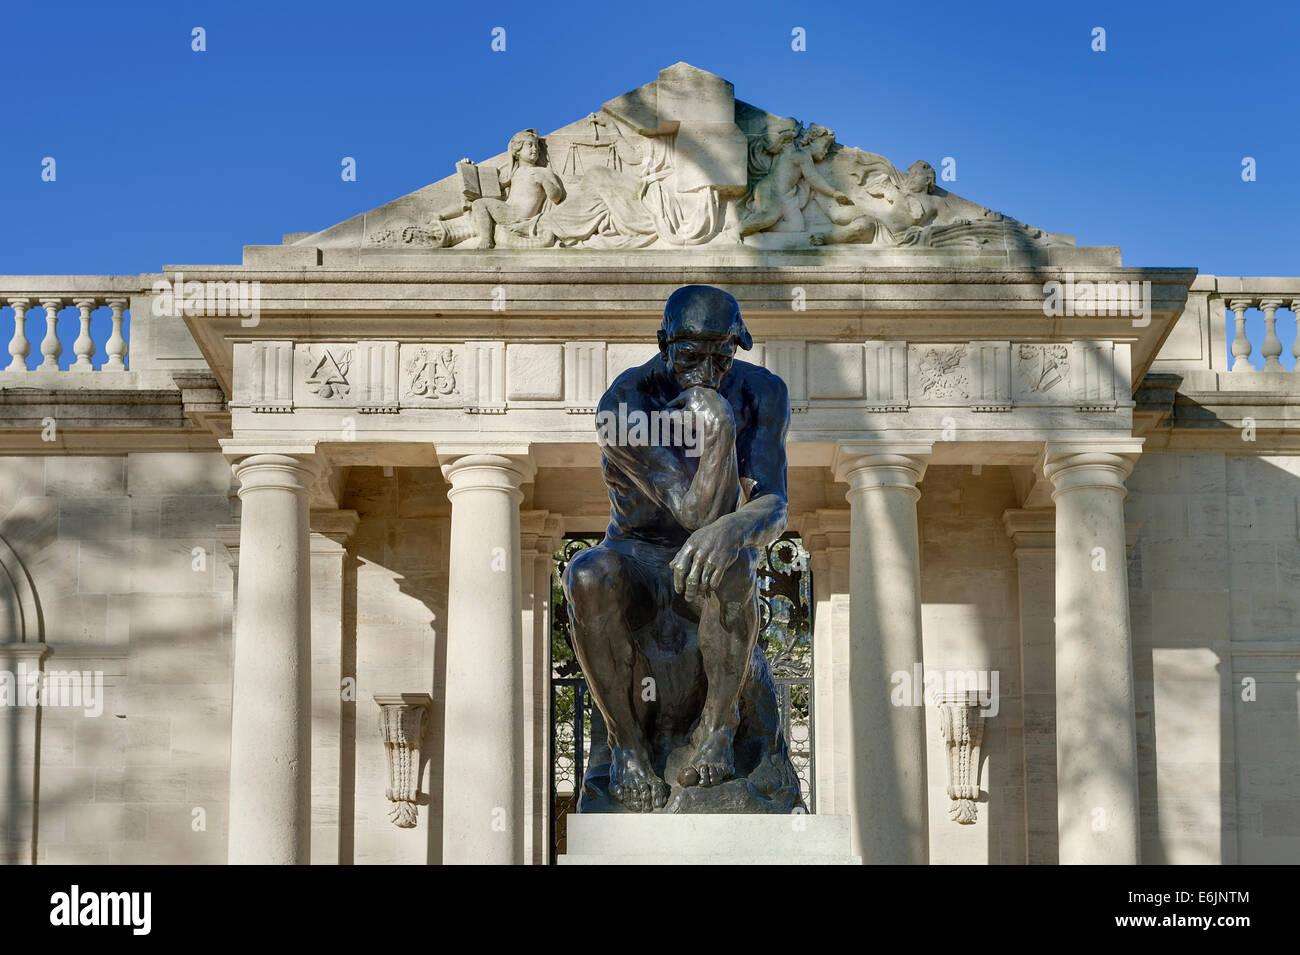 Die Denker Skulptur an das Rodin-Museum, Philadelphia, Pennsylvania, USA Stockbild